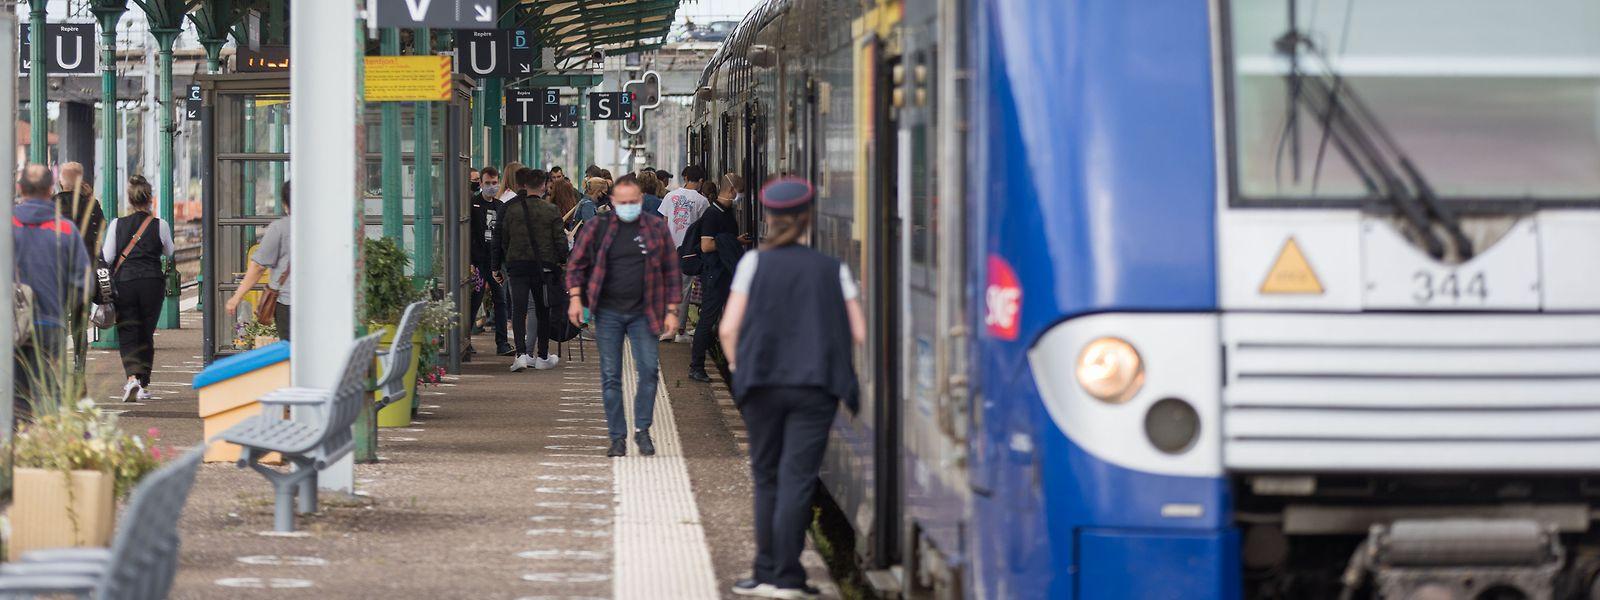 La liaison Thionville-Luxembourg est à nouveau assurée en bus depuis le 24 juillet.